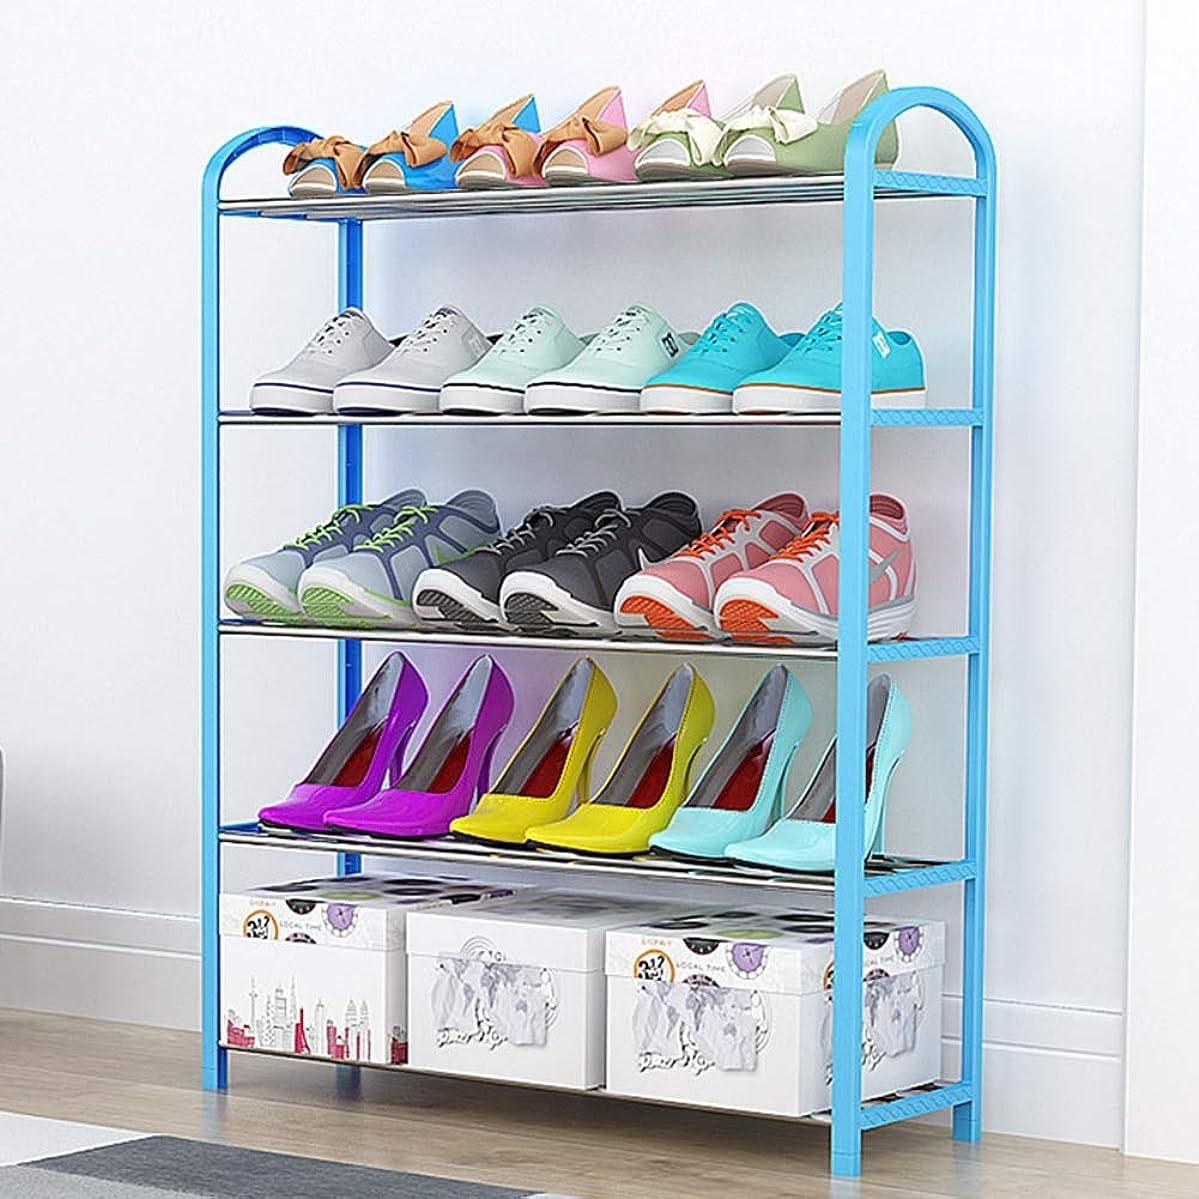 レザーコレクション勧める簡単な多層靴箱、電流を通された管は耐久力があり、取付けること容易、臭気および変形無しです,Blue